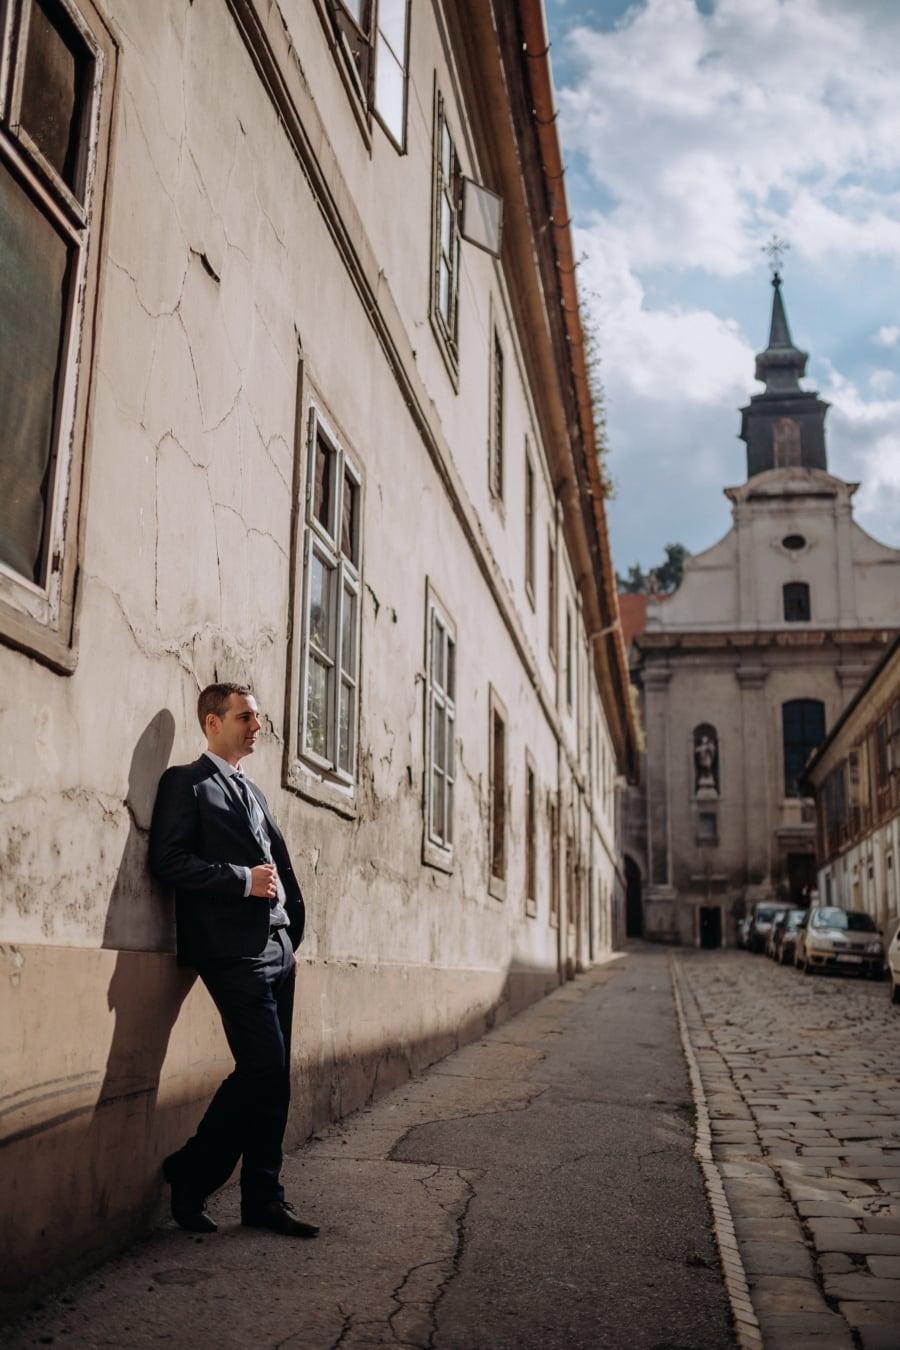 Laki-laki, jalan, berdiri, lama, Kota, arsitektur, gereja, agama, bangunan, Menara